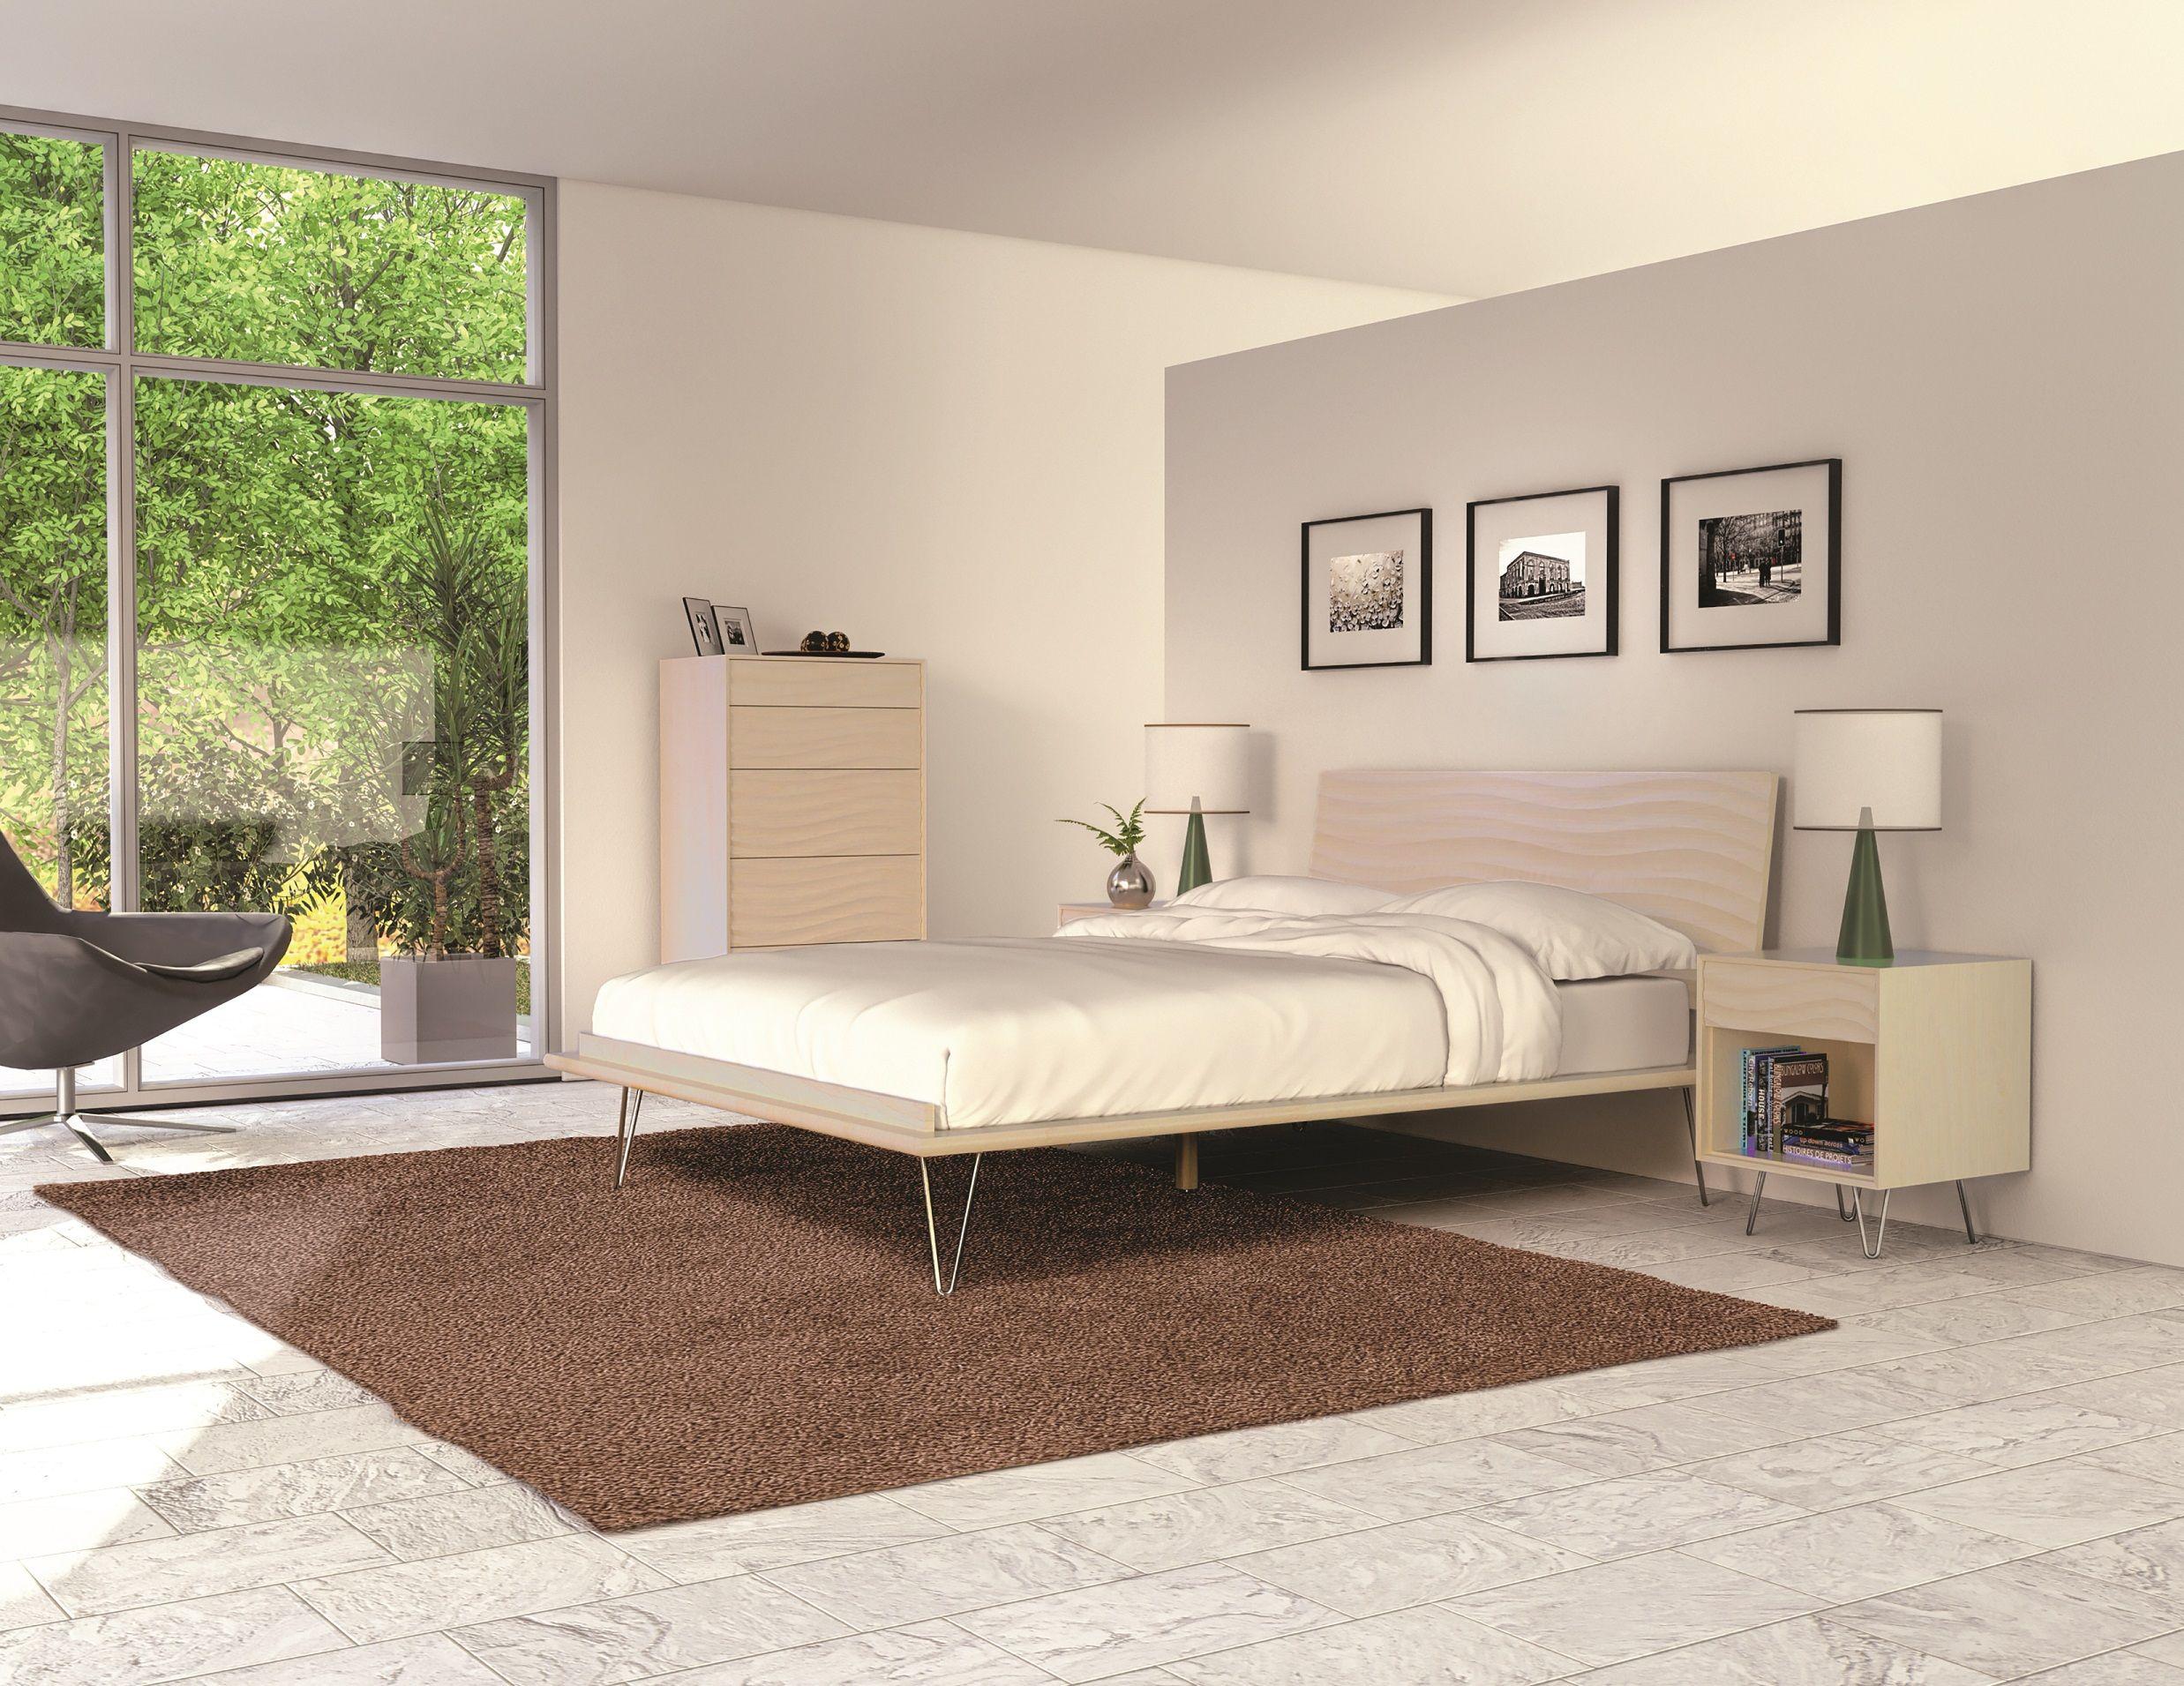 Copeland Furniture, 5100   Showplace, Floor 5 #DesignonHPMkt #HPMKT  #trendwatch